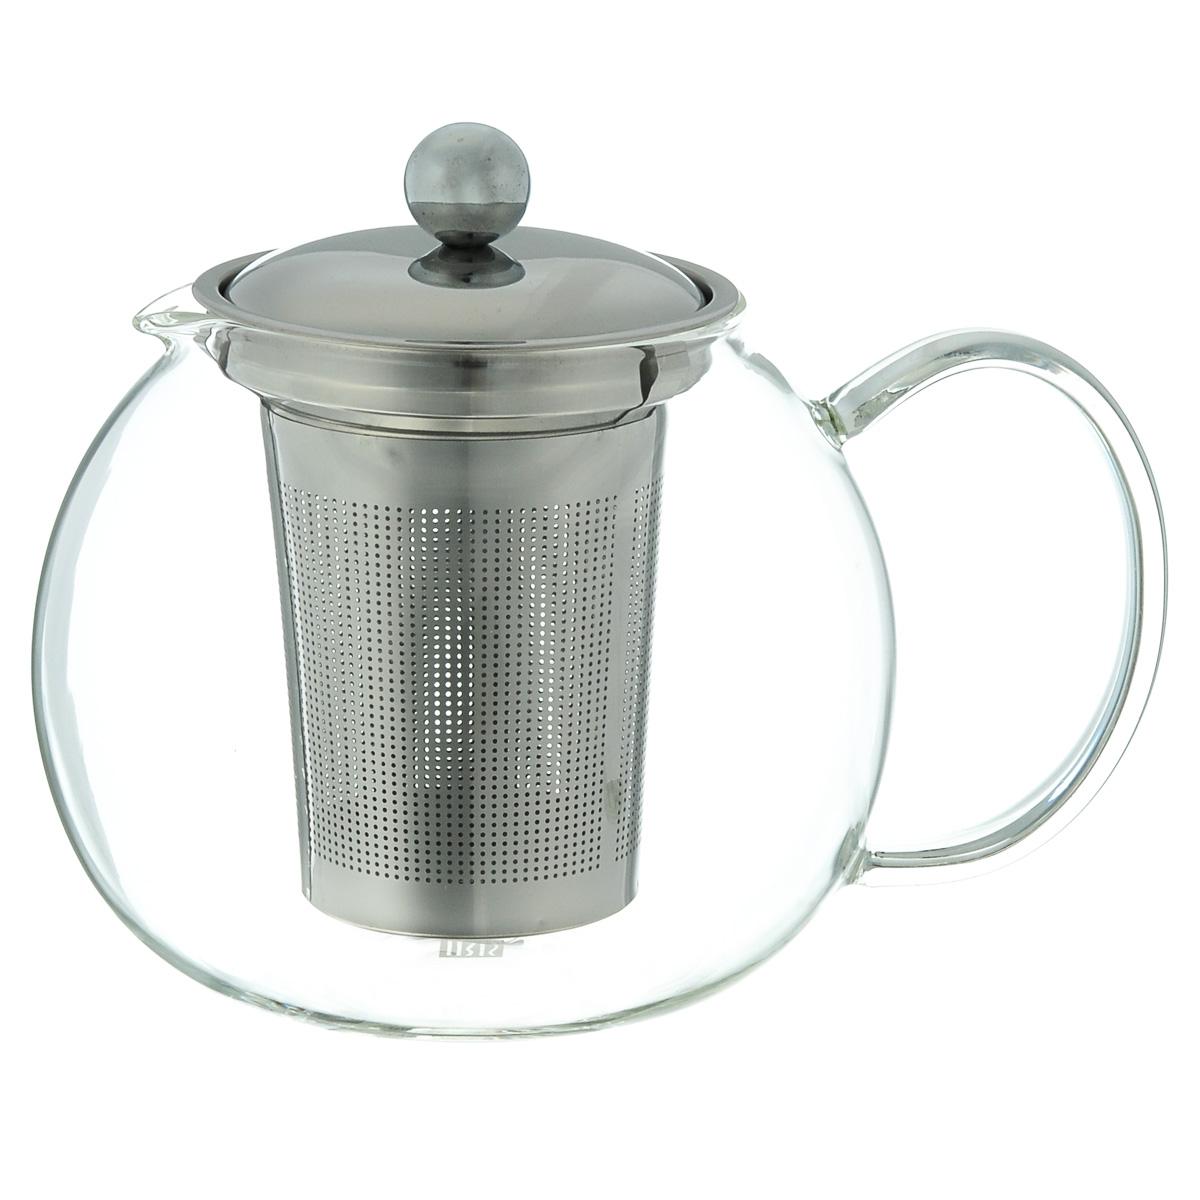 Чайник заварочный Iris Barcelona, 1,3 л3323-IЗаварочный чайник Iris Barcelona изготовлен из боросиликатного стекла, которое отличается прочностью и устойчивостью к высоким температурам. Чайник оснащен крышкой и ситечком, выполненным из нержавеющей стали 18/8. Чайник предназначен для заварки 6 чашек чая. Можно мыть в посудомоечной машине. Объем: 1,3 л. Диаметр (по верхнему краю): 9 см. Высота (без учета крышки): 12,5 см.